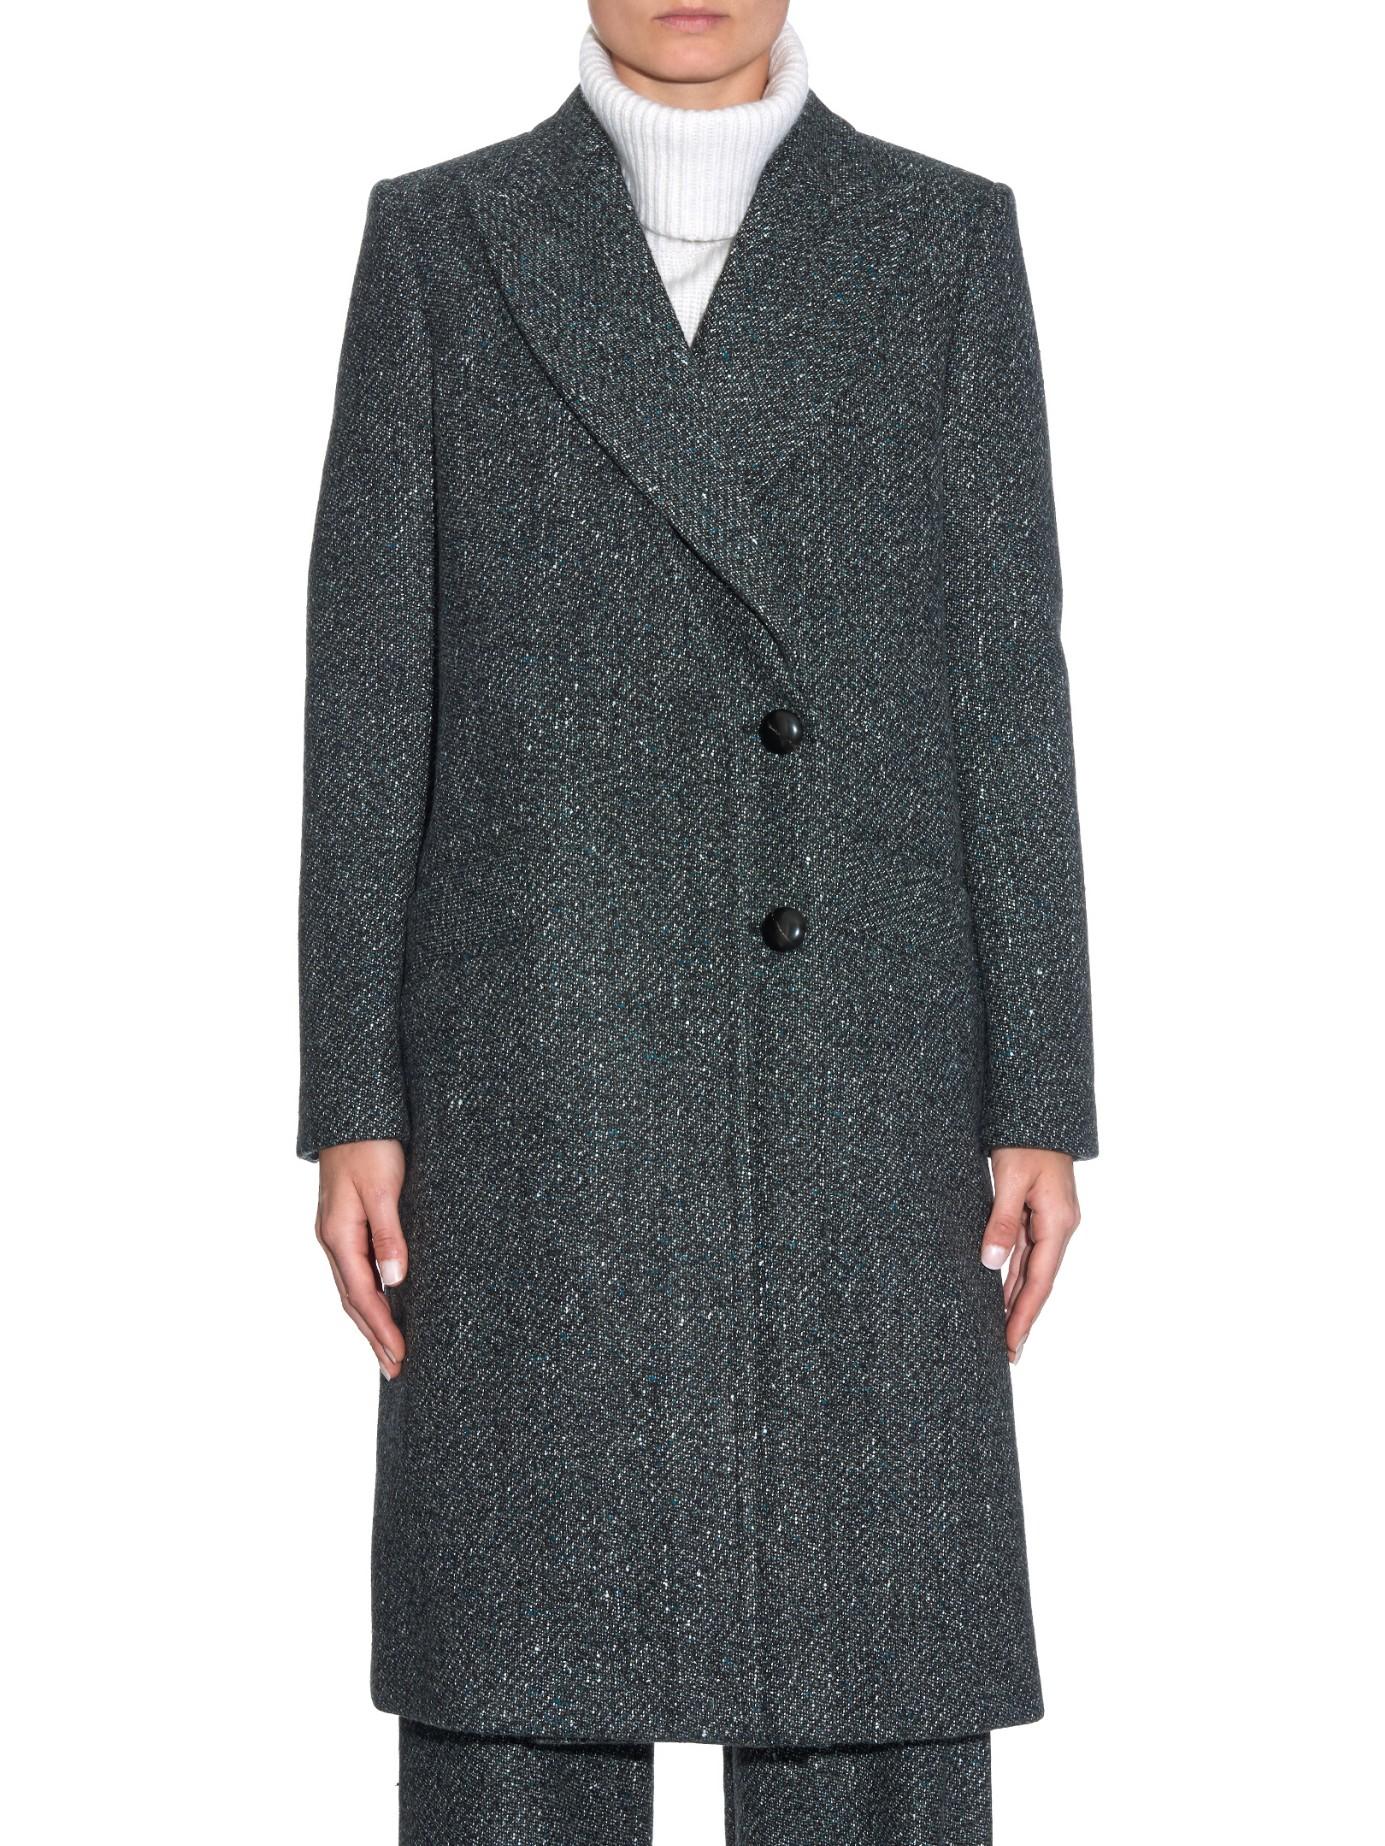 Proenza schouler Peak-lapel Speckled Tweed Long Coat in Gray | Lyst